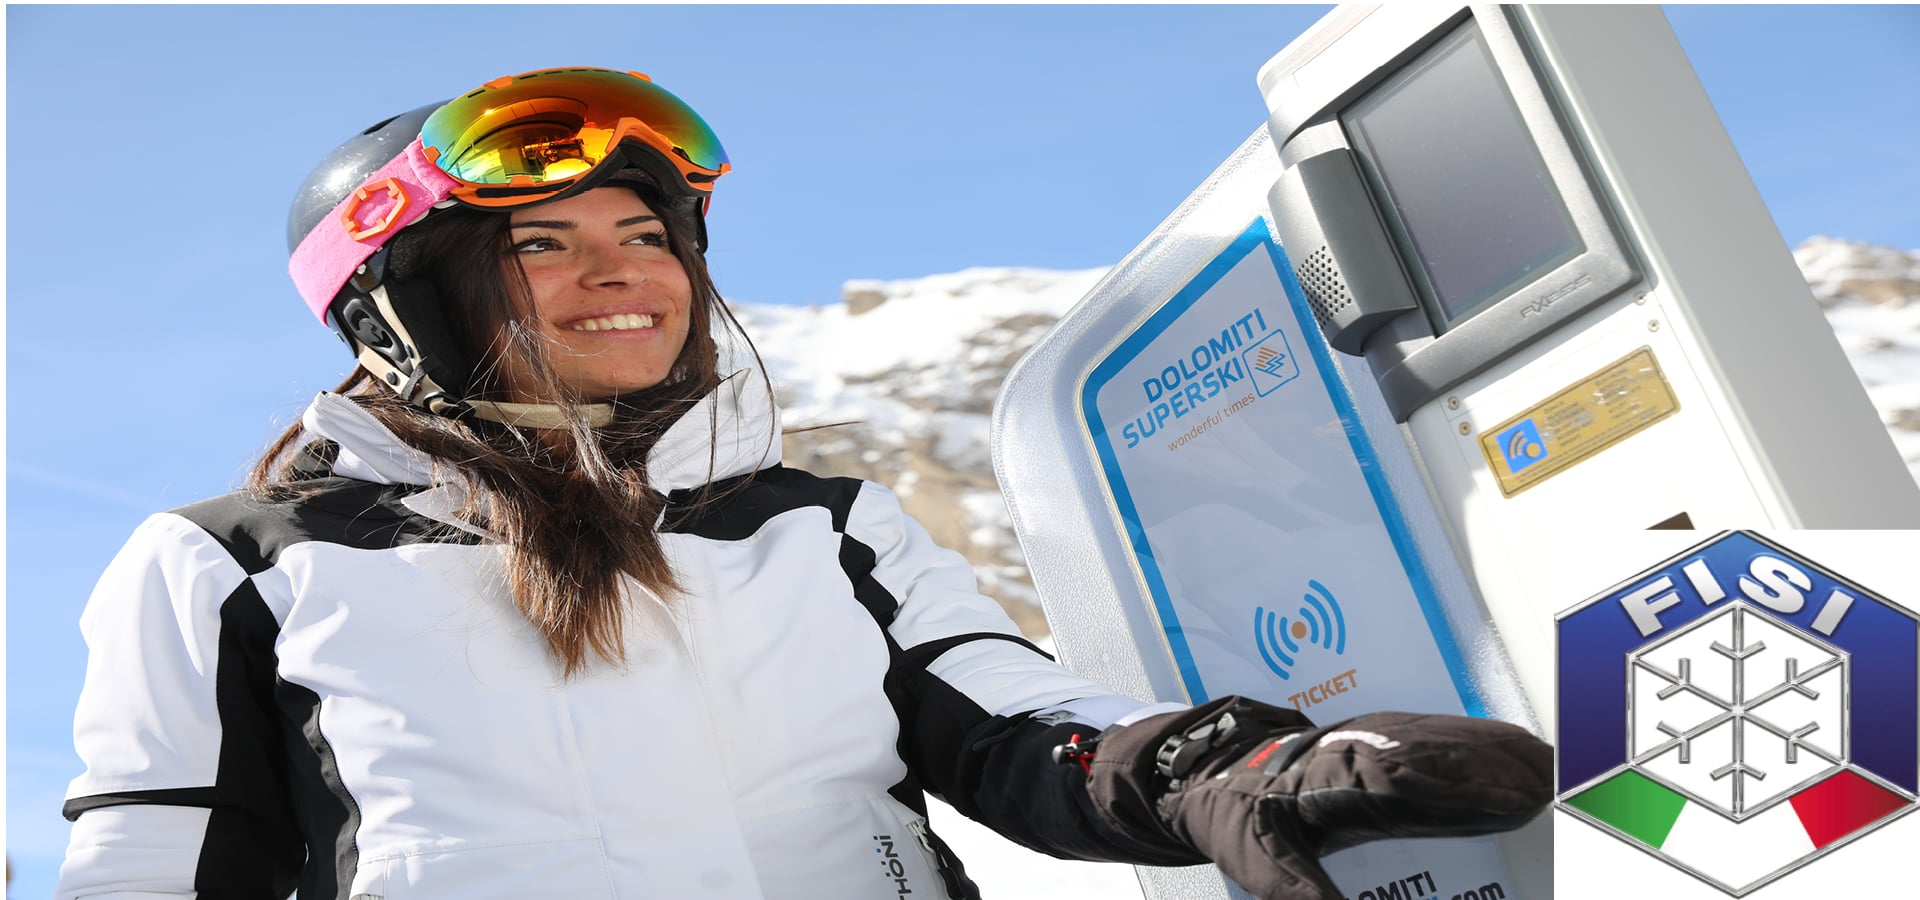 FISI Days I Half Price Ski Pass | Winter 2019-20